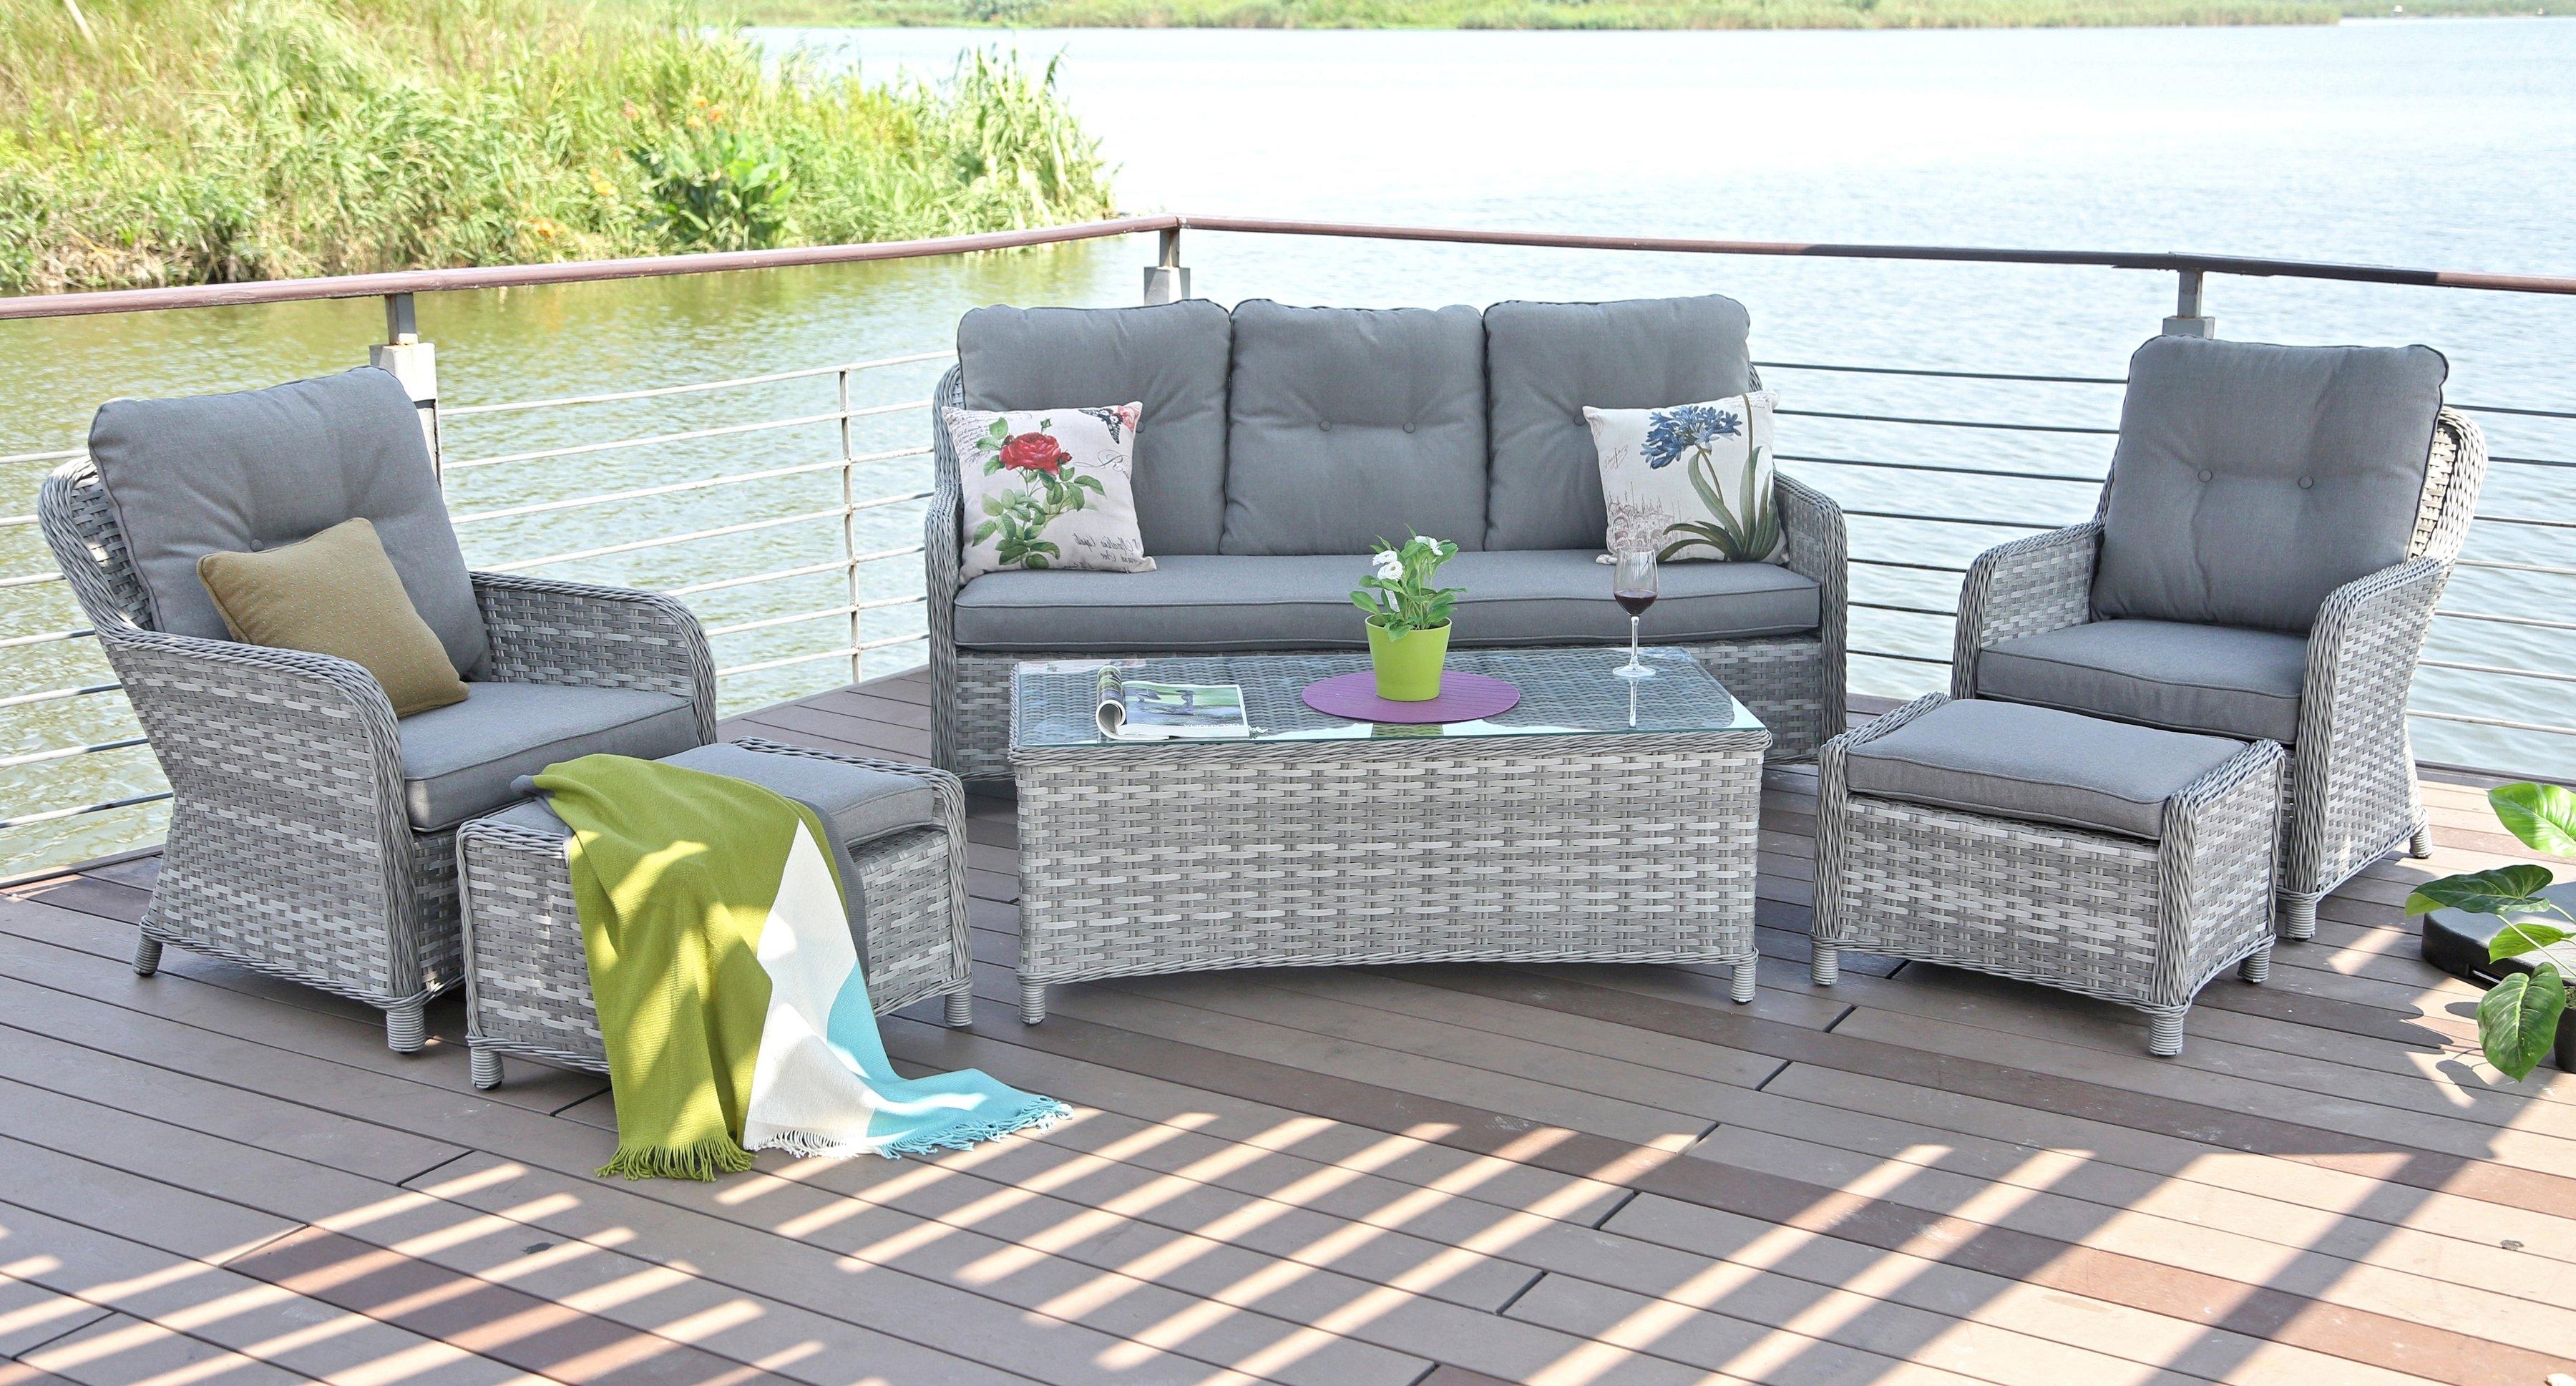 Relaxstoel Tuin Aanbieding : Loungesets kopen? vind je tuinmeubelen en tuinsets hier otto